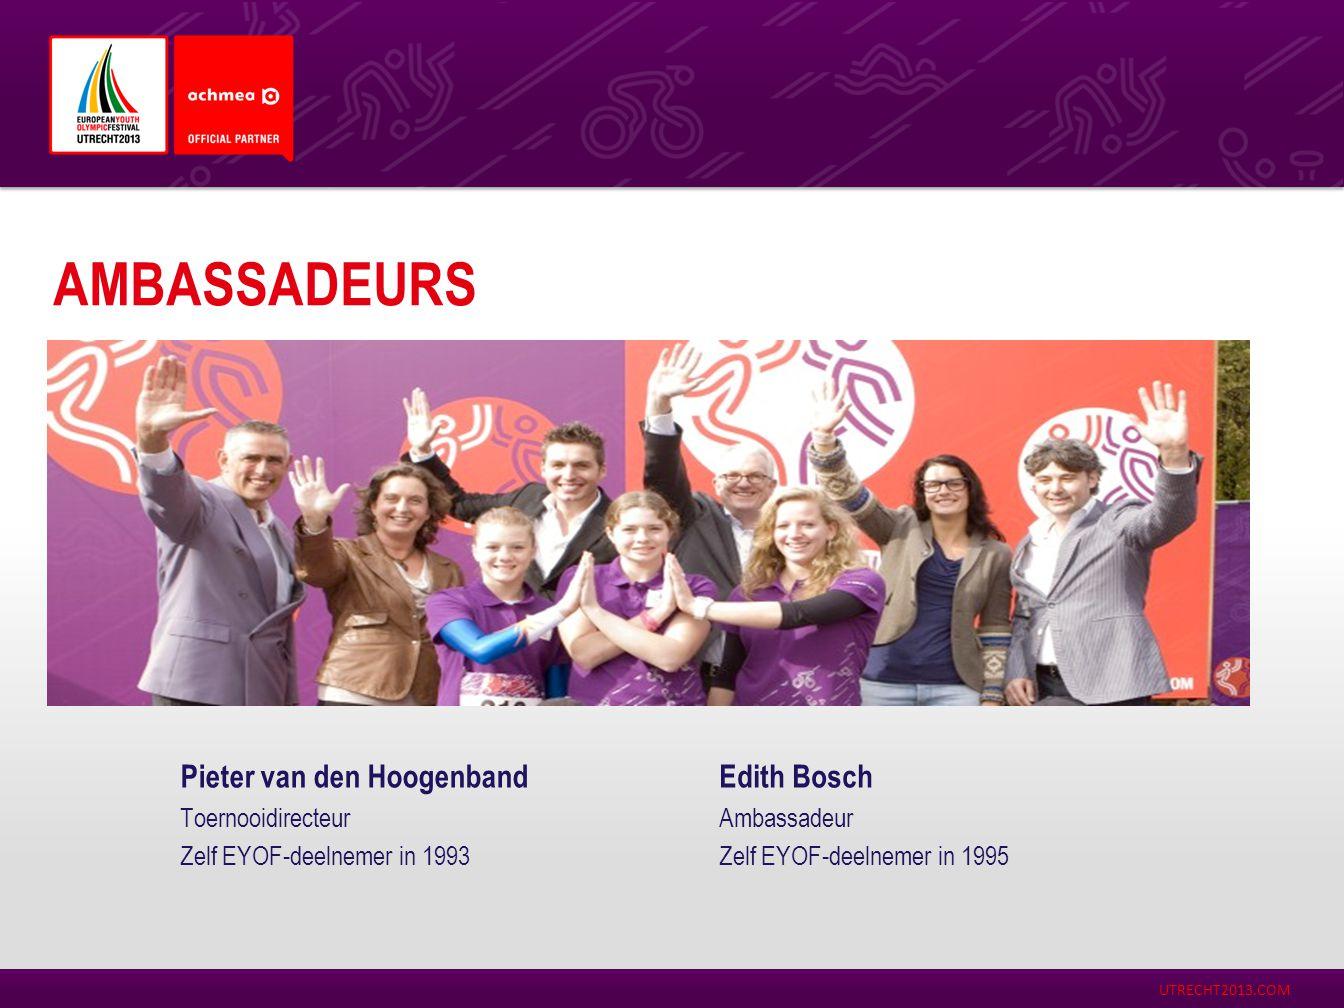 Ambassadeurs Pieter van den Hoogenband Edith Bosch Toernooidirecteur